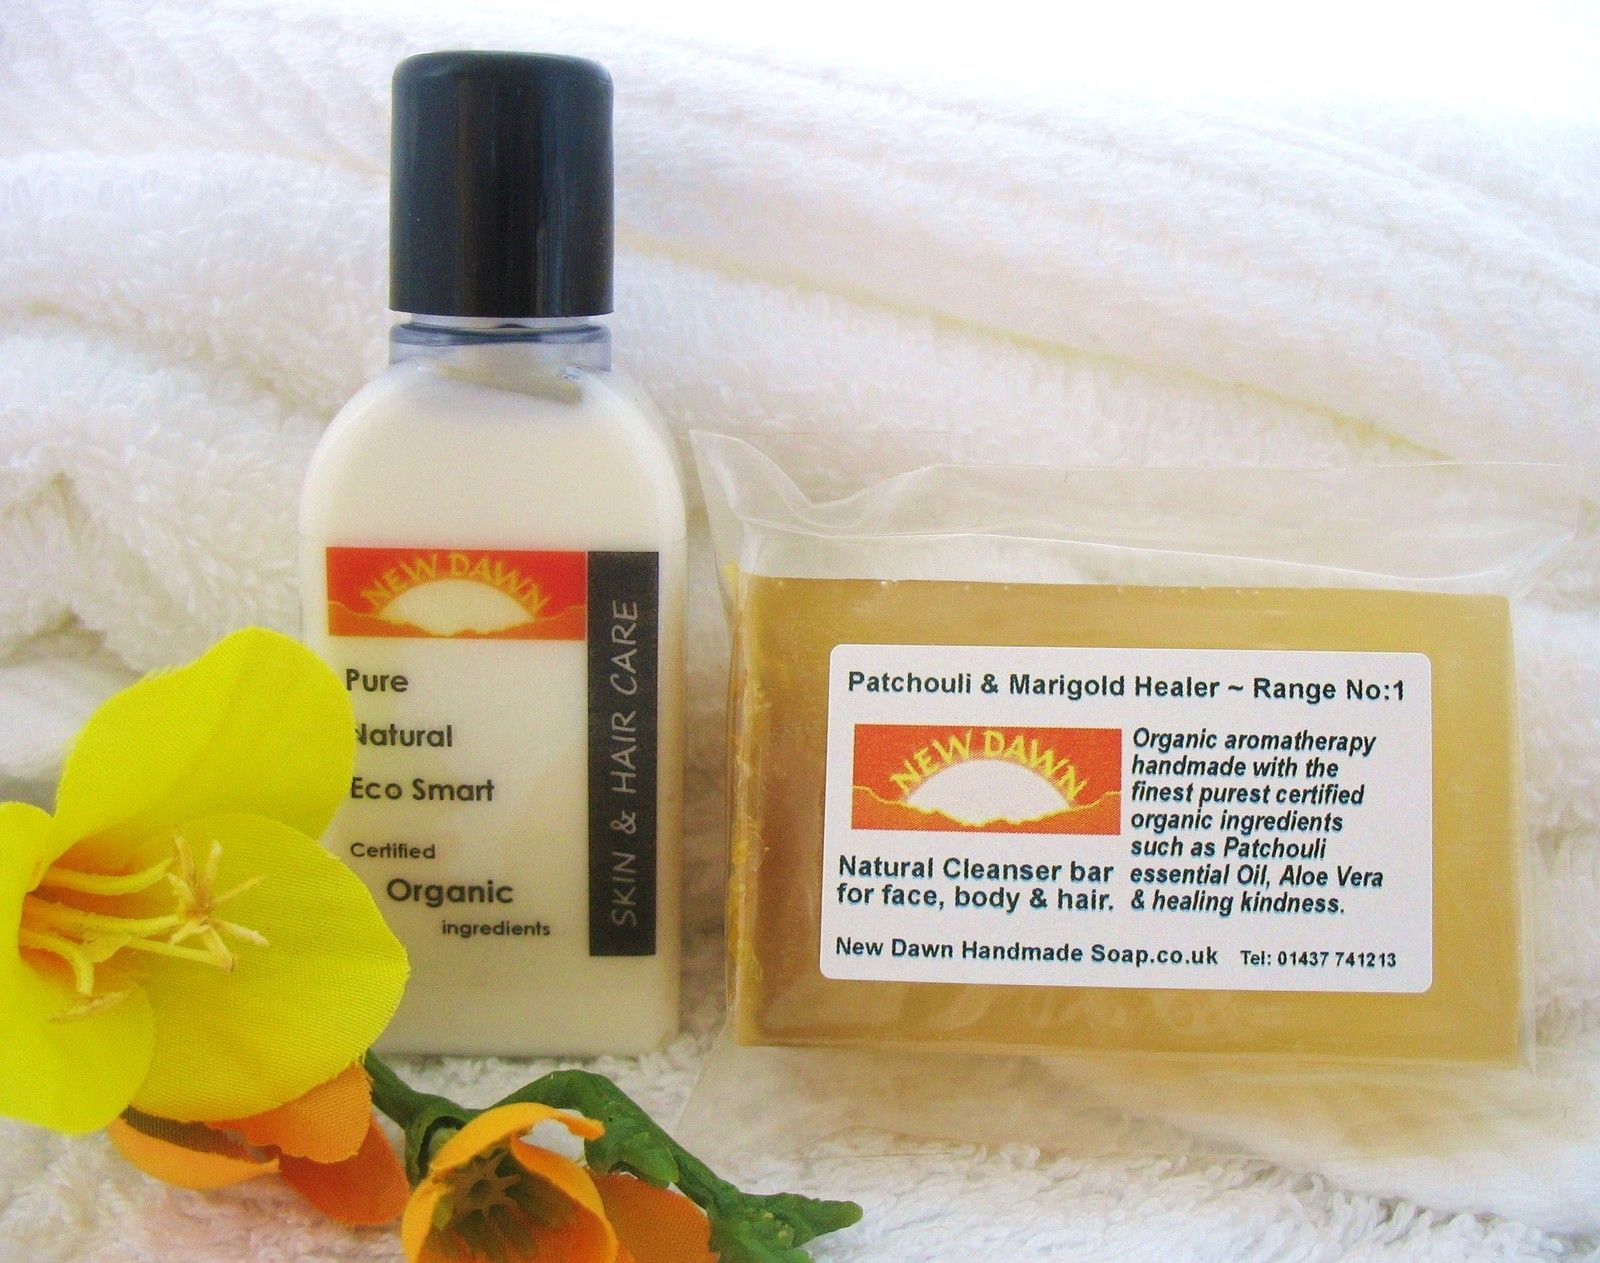 Rosacea Thread Vein Calming Large Open Pores Soap Cream Natural